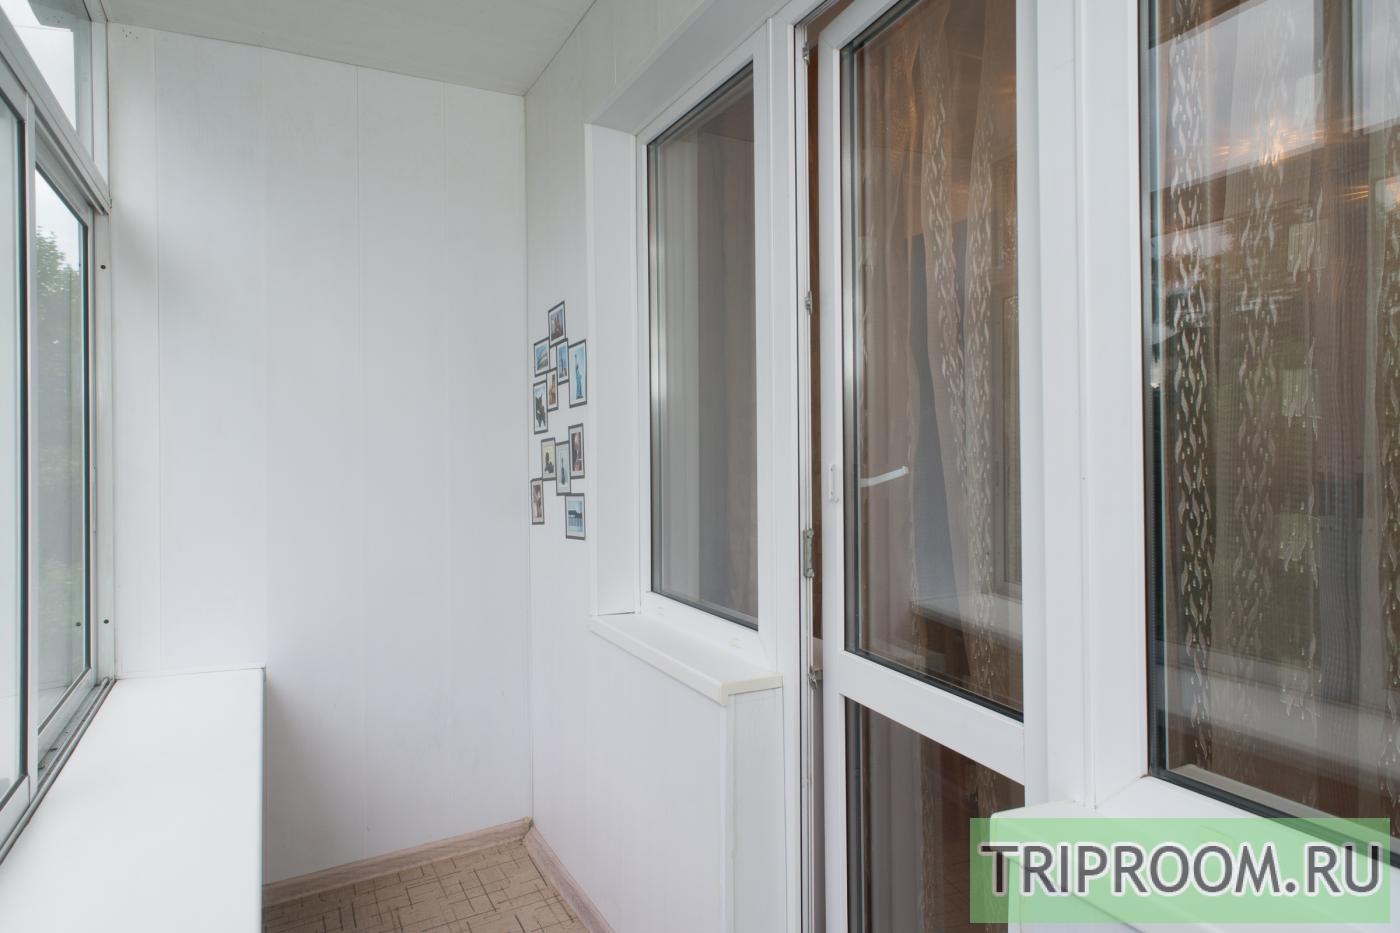 1-комнатная квартира посуточно (вариант № 8350), ул. Южная улица, фото № 11